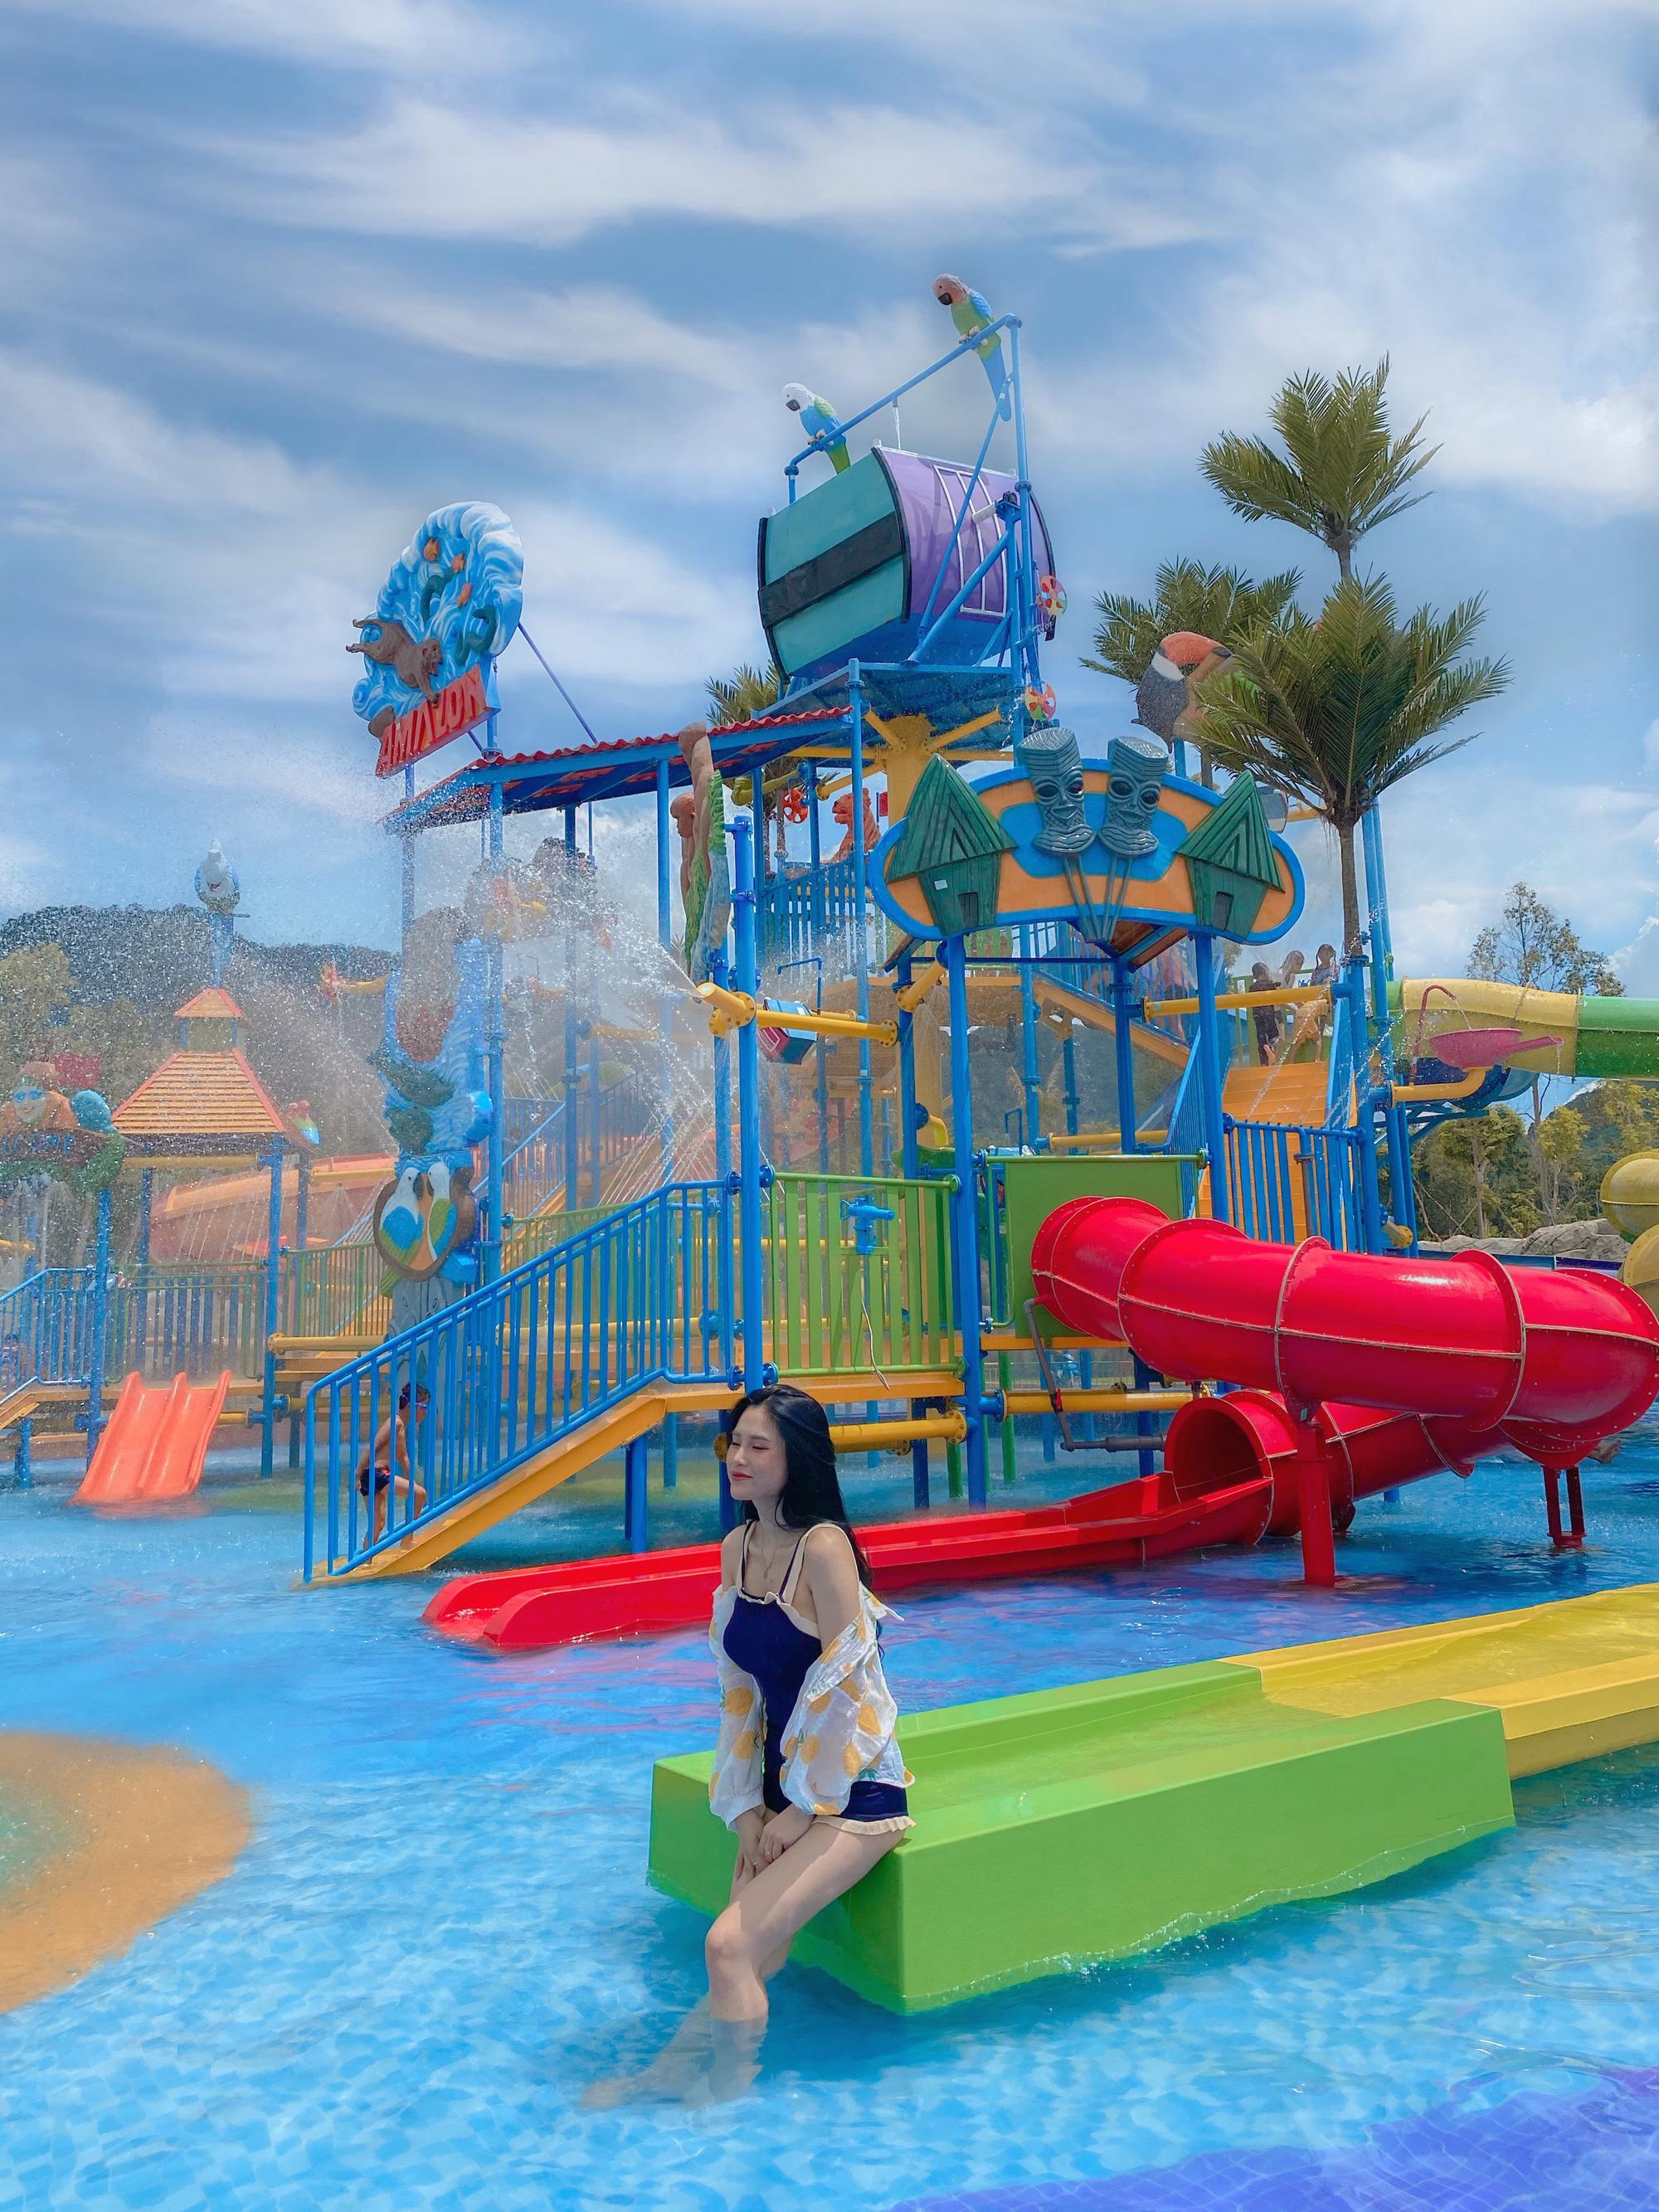 Điểm đến giải nhiệt mùa hè không thể bỏ qua của giới trẻ tại công viên nước Thanh Long Water Park An Giang - Ảnh 5.